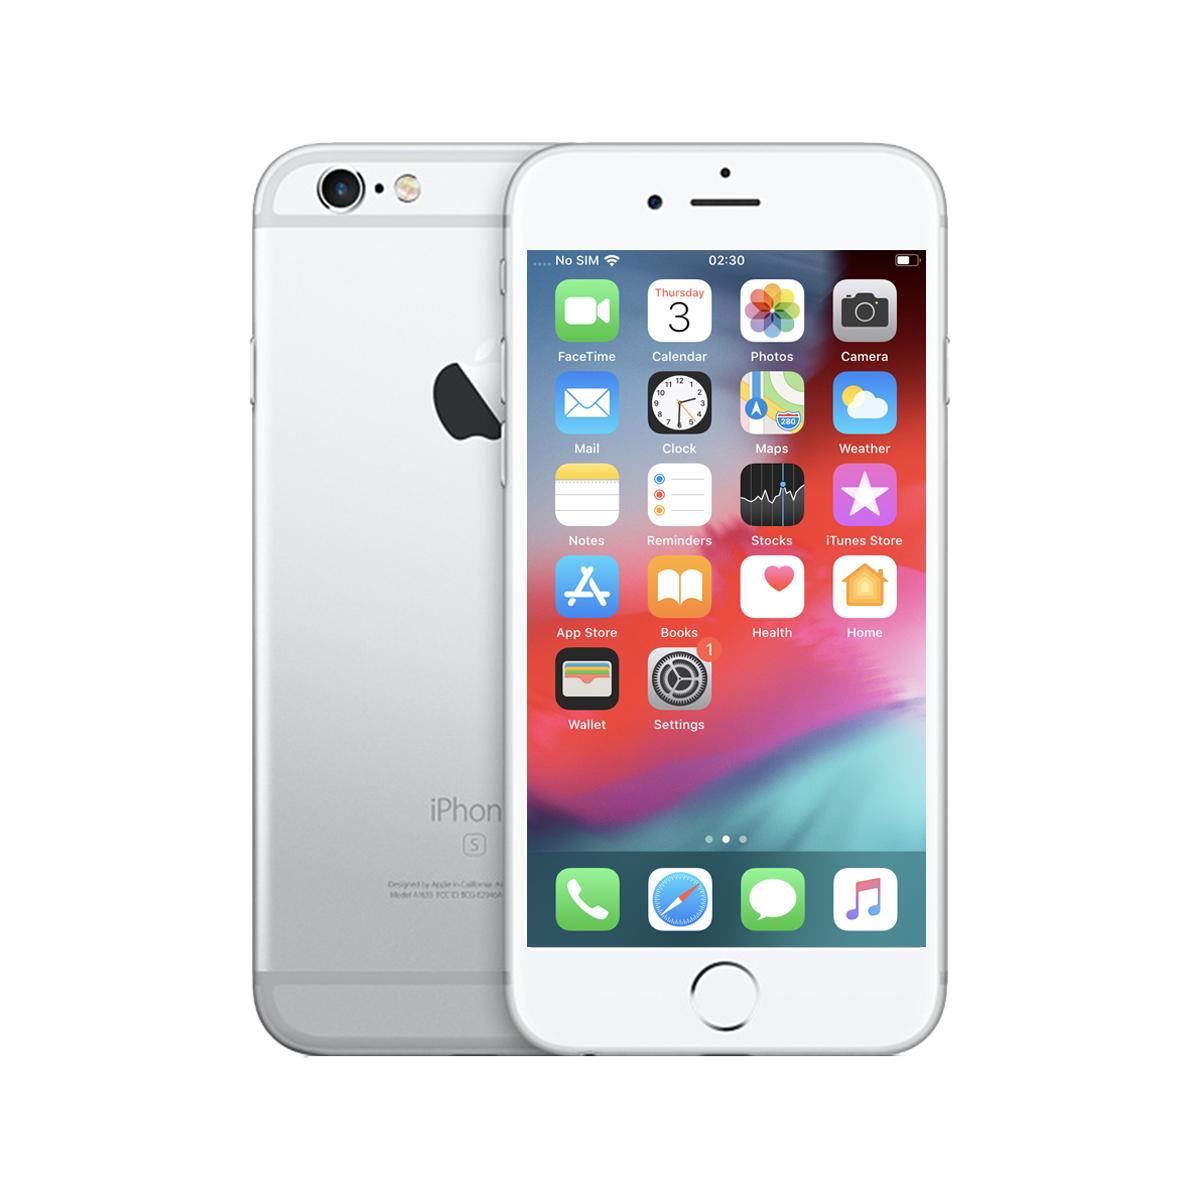 A-Grade iPhone 6S Silver 16GB